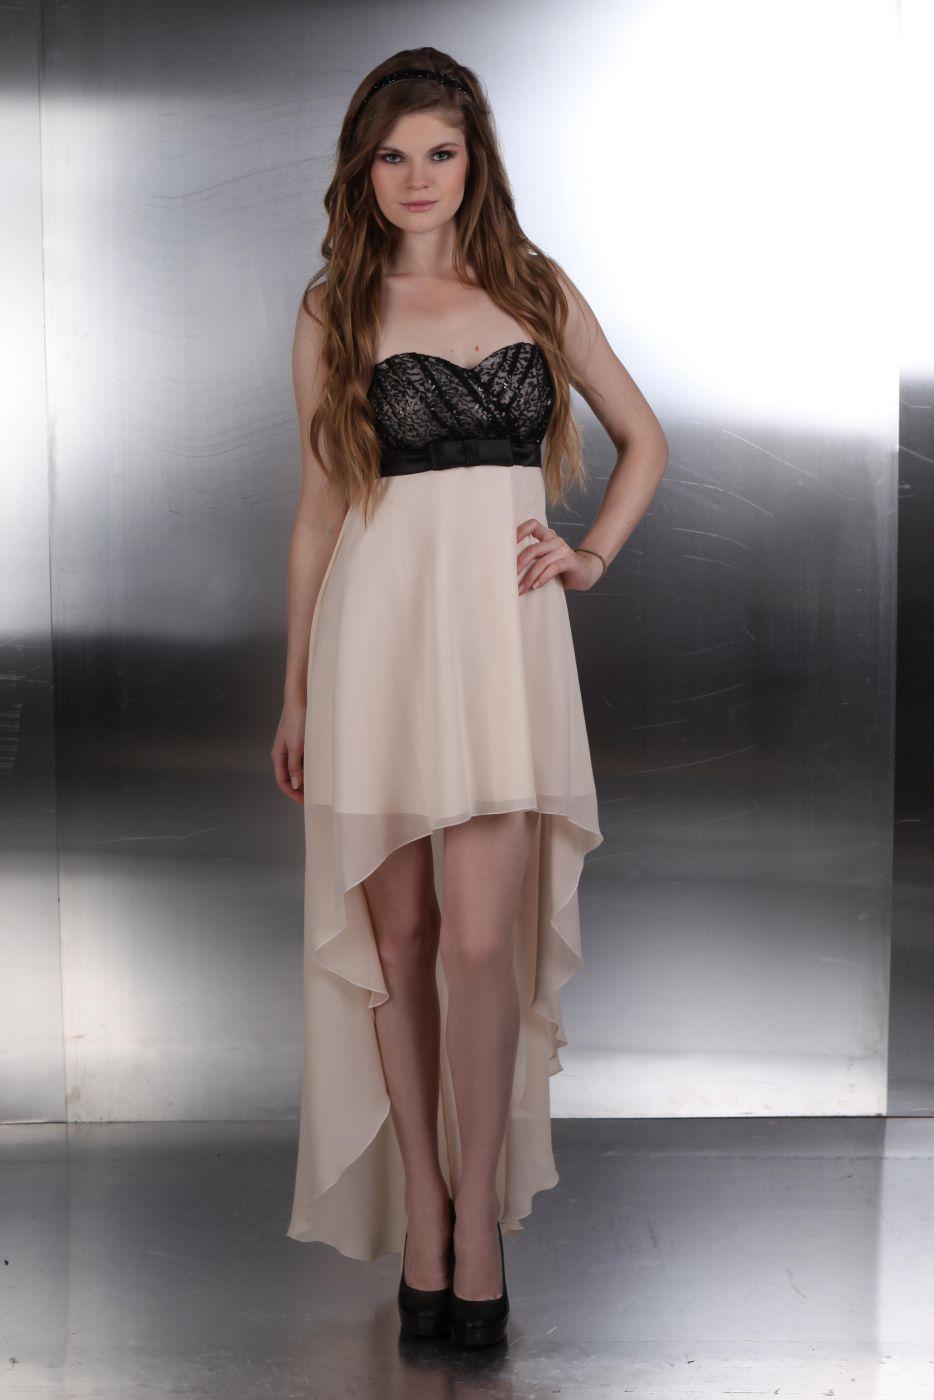 Wäre das Kleid zu overdressed für eine Hochzeitsparty? (Liebe, Mode ...